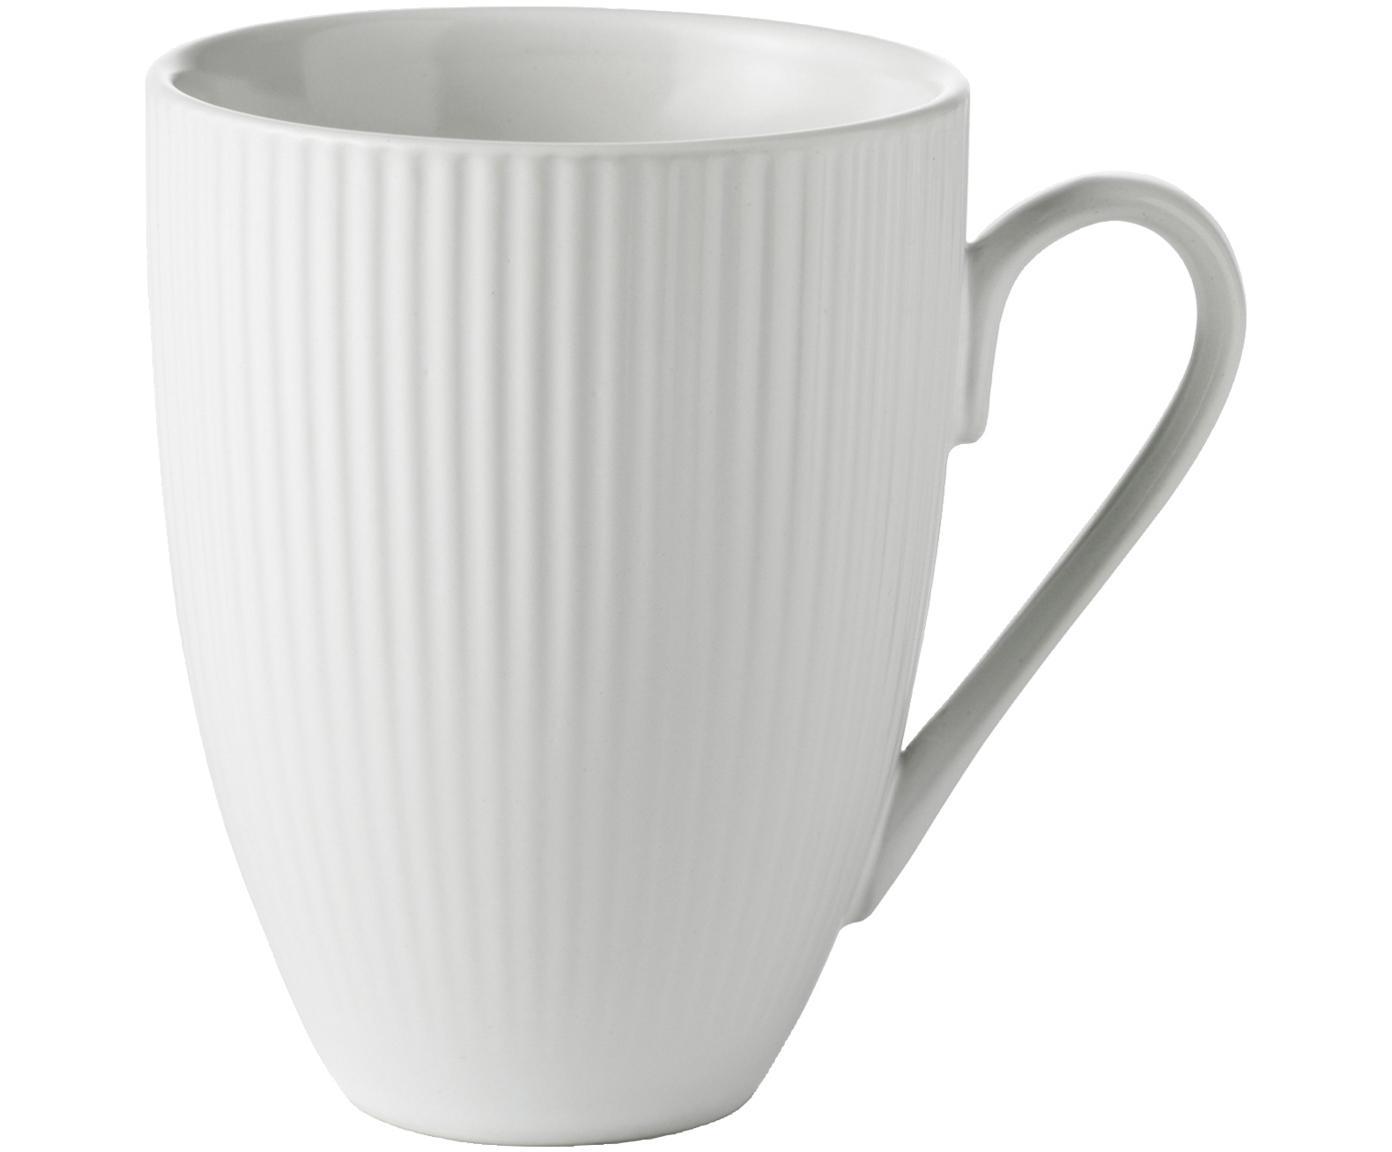 Weisse Kaffeetassen Groove mit Rillenstruktur, 4 Stück, Steingut, Weiss, Ø 9 x H 11 cm